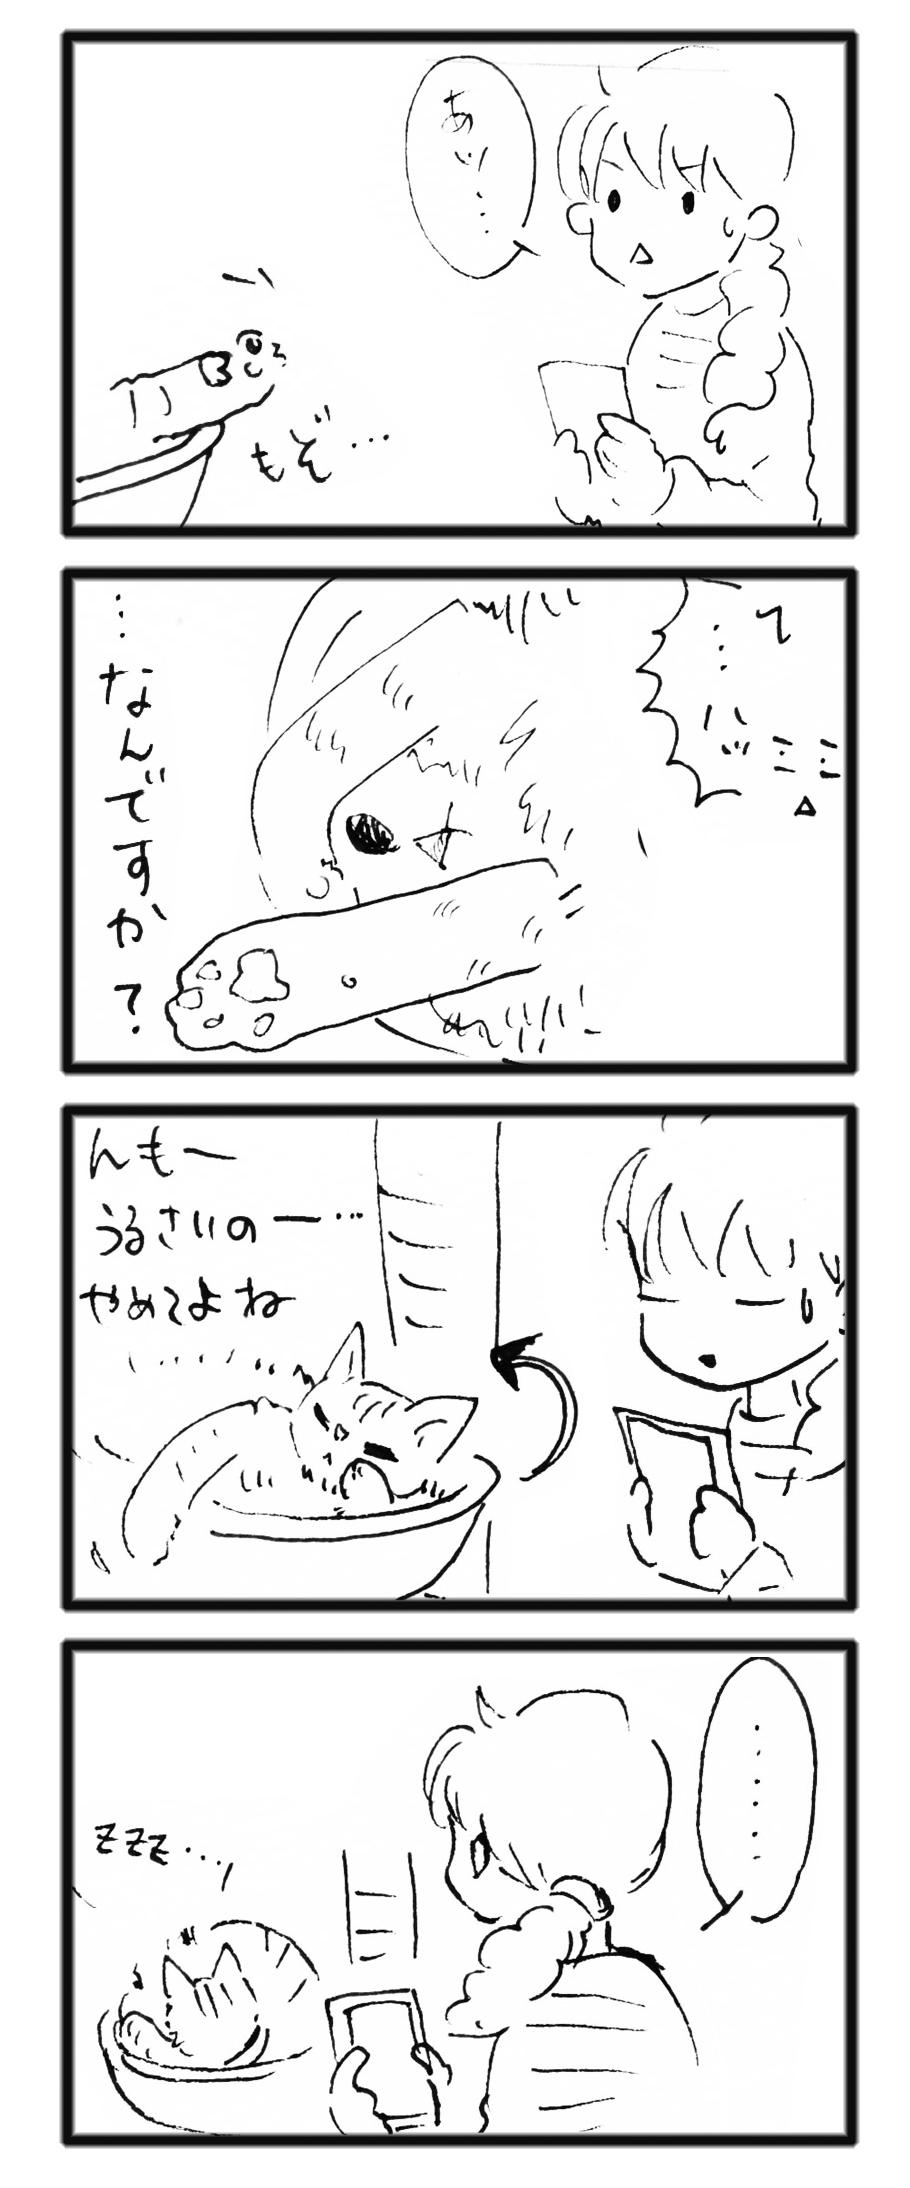 comic_20130519_04.jpg